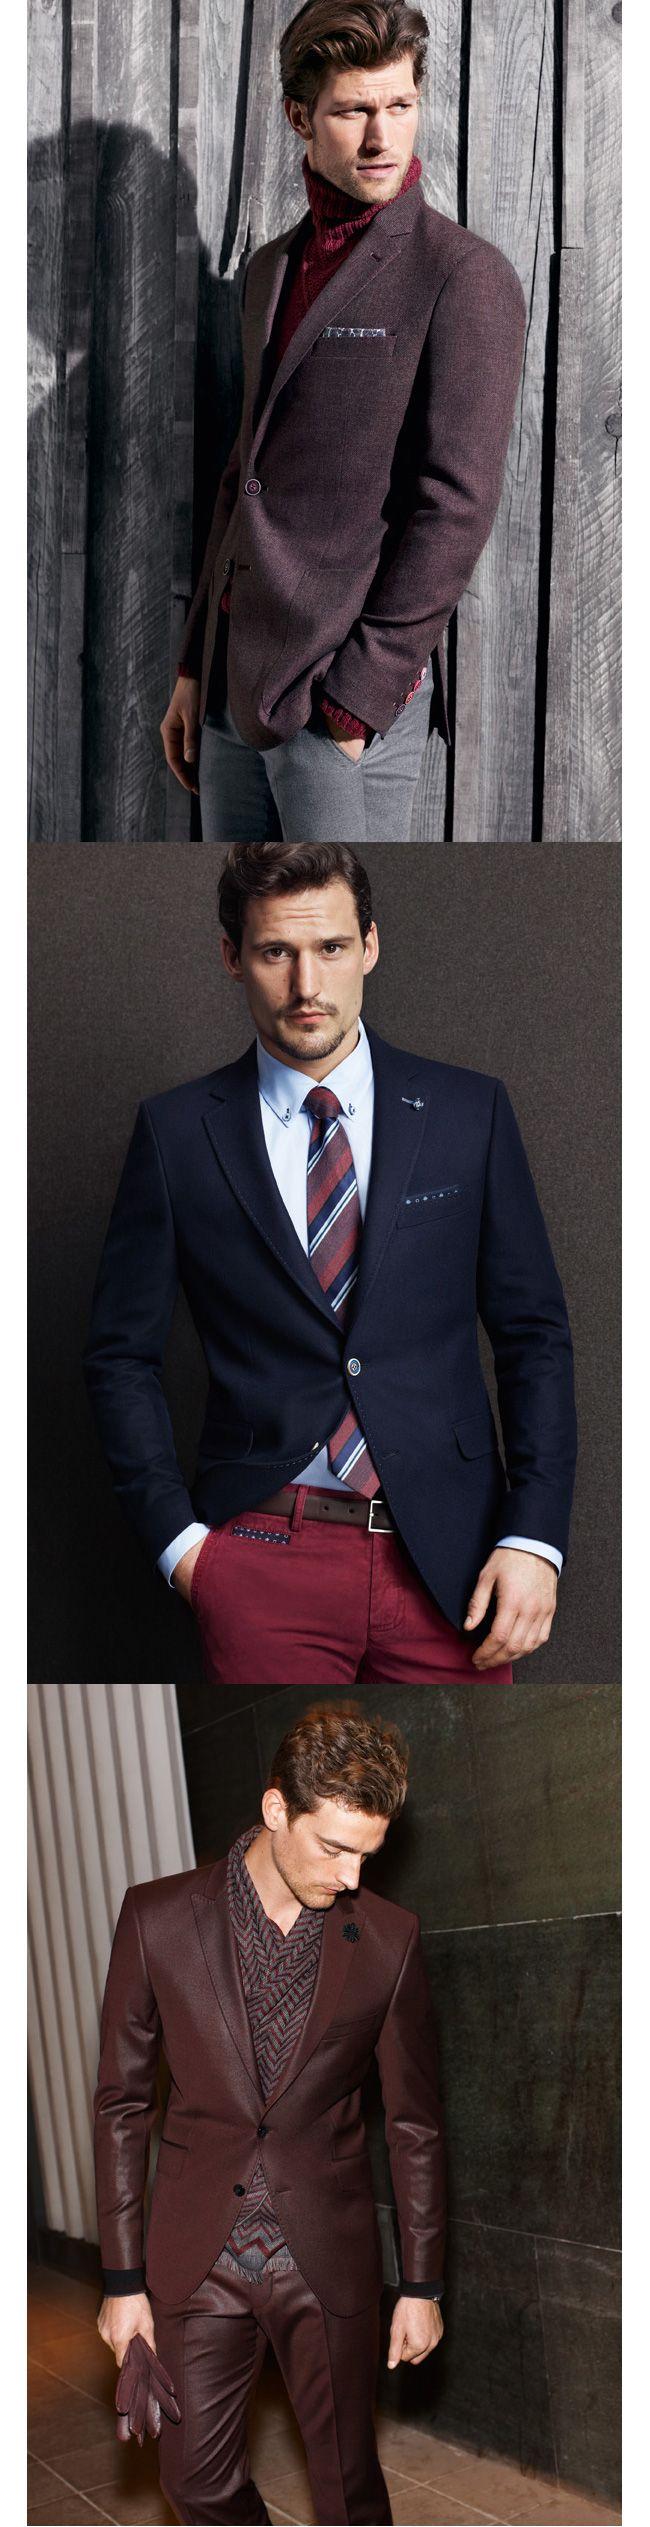 Jeśli seksowny mężczyzna to tylko w garniturze...  http://www.eksmagazyn.pl/moda/sztuka-ubioru/digel-stylowa-meska-jesien || #digel #garnitur #moda męska #seks #jesień